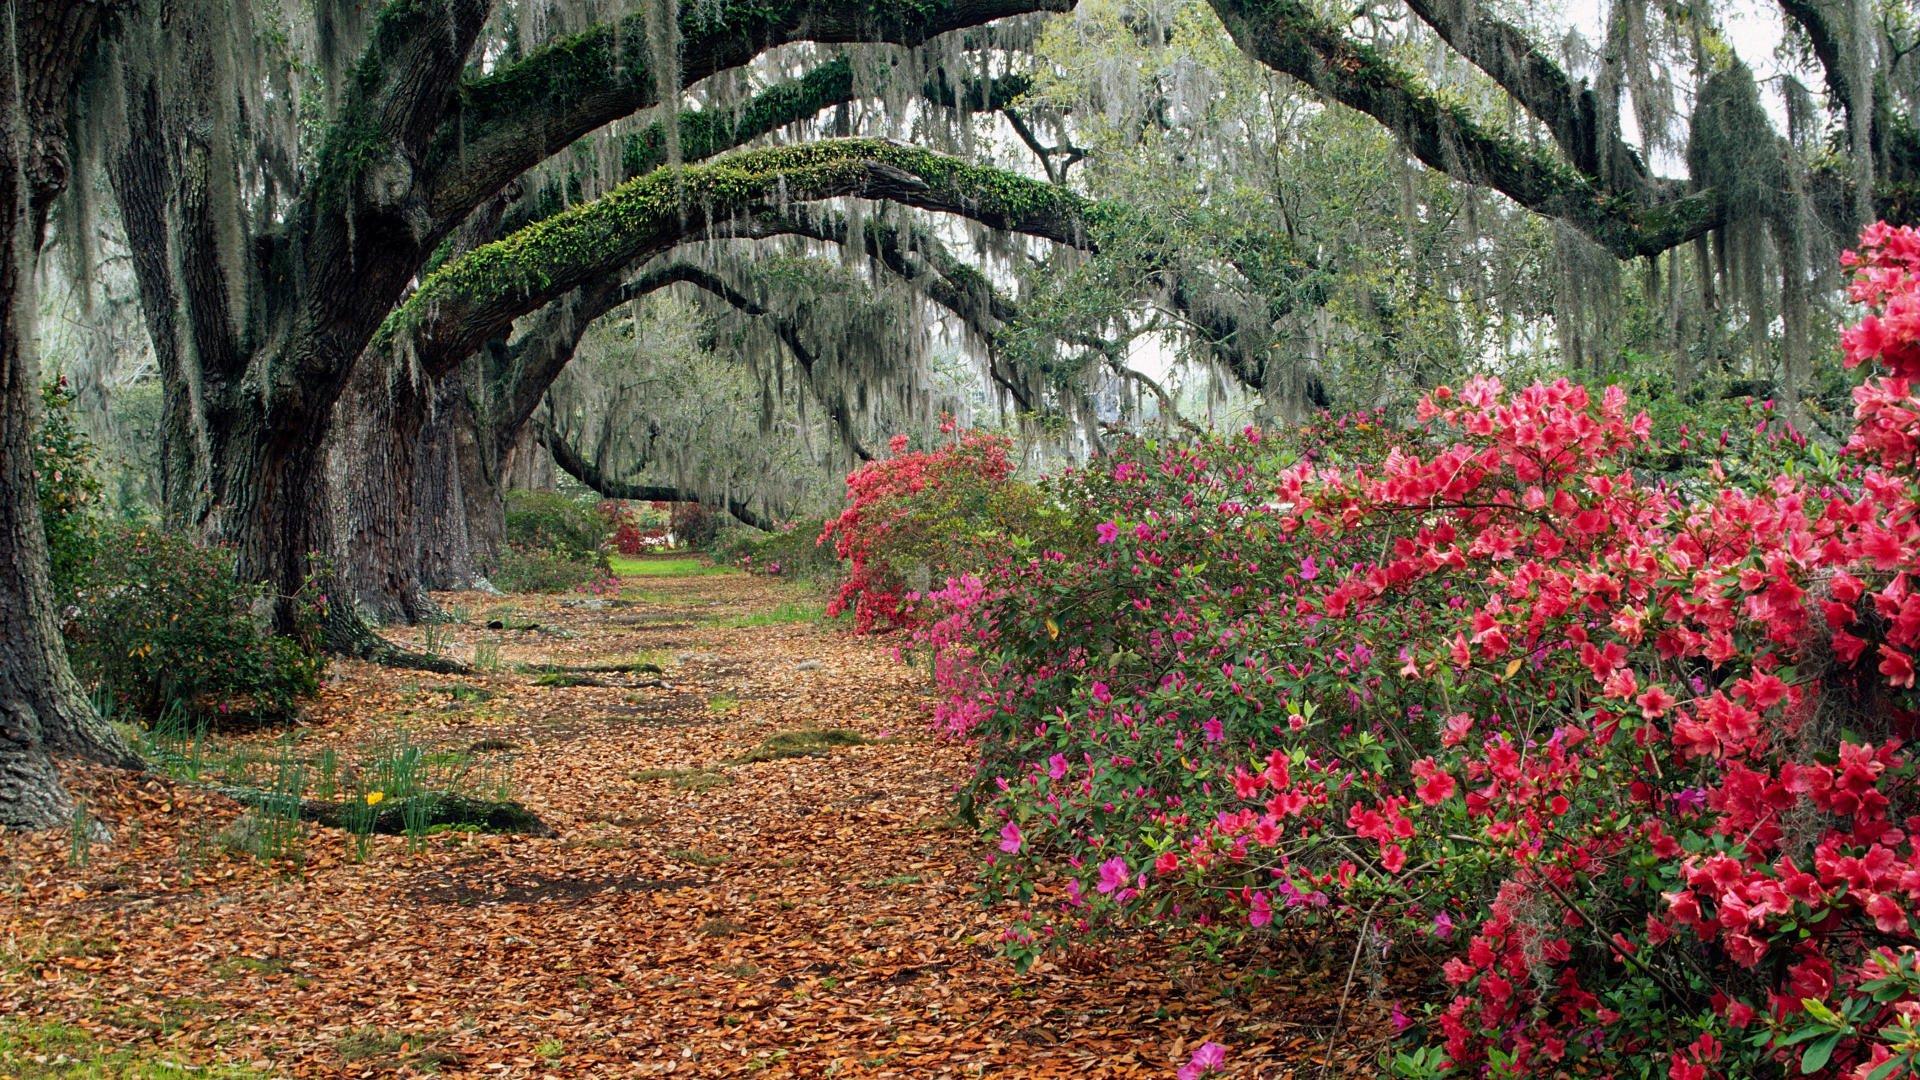 река, кустарник, цветы без регистрации